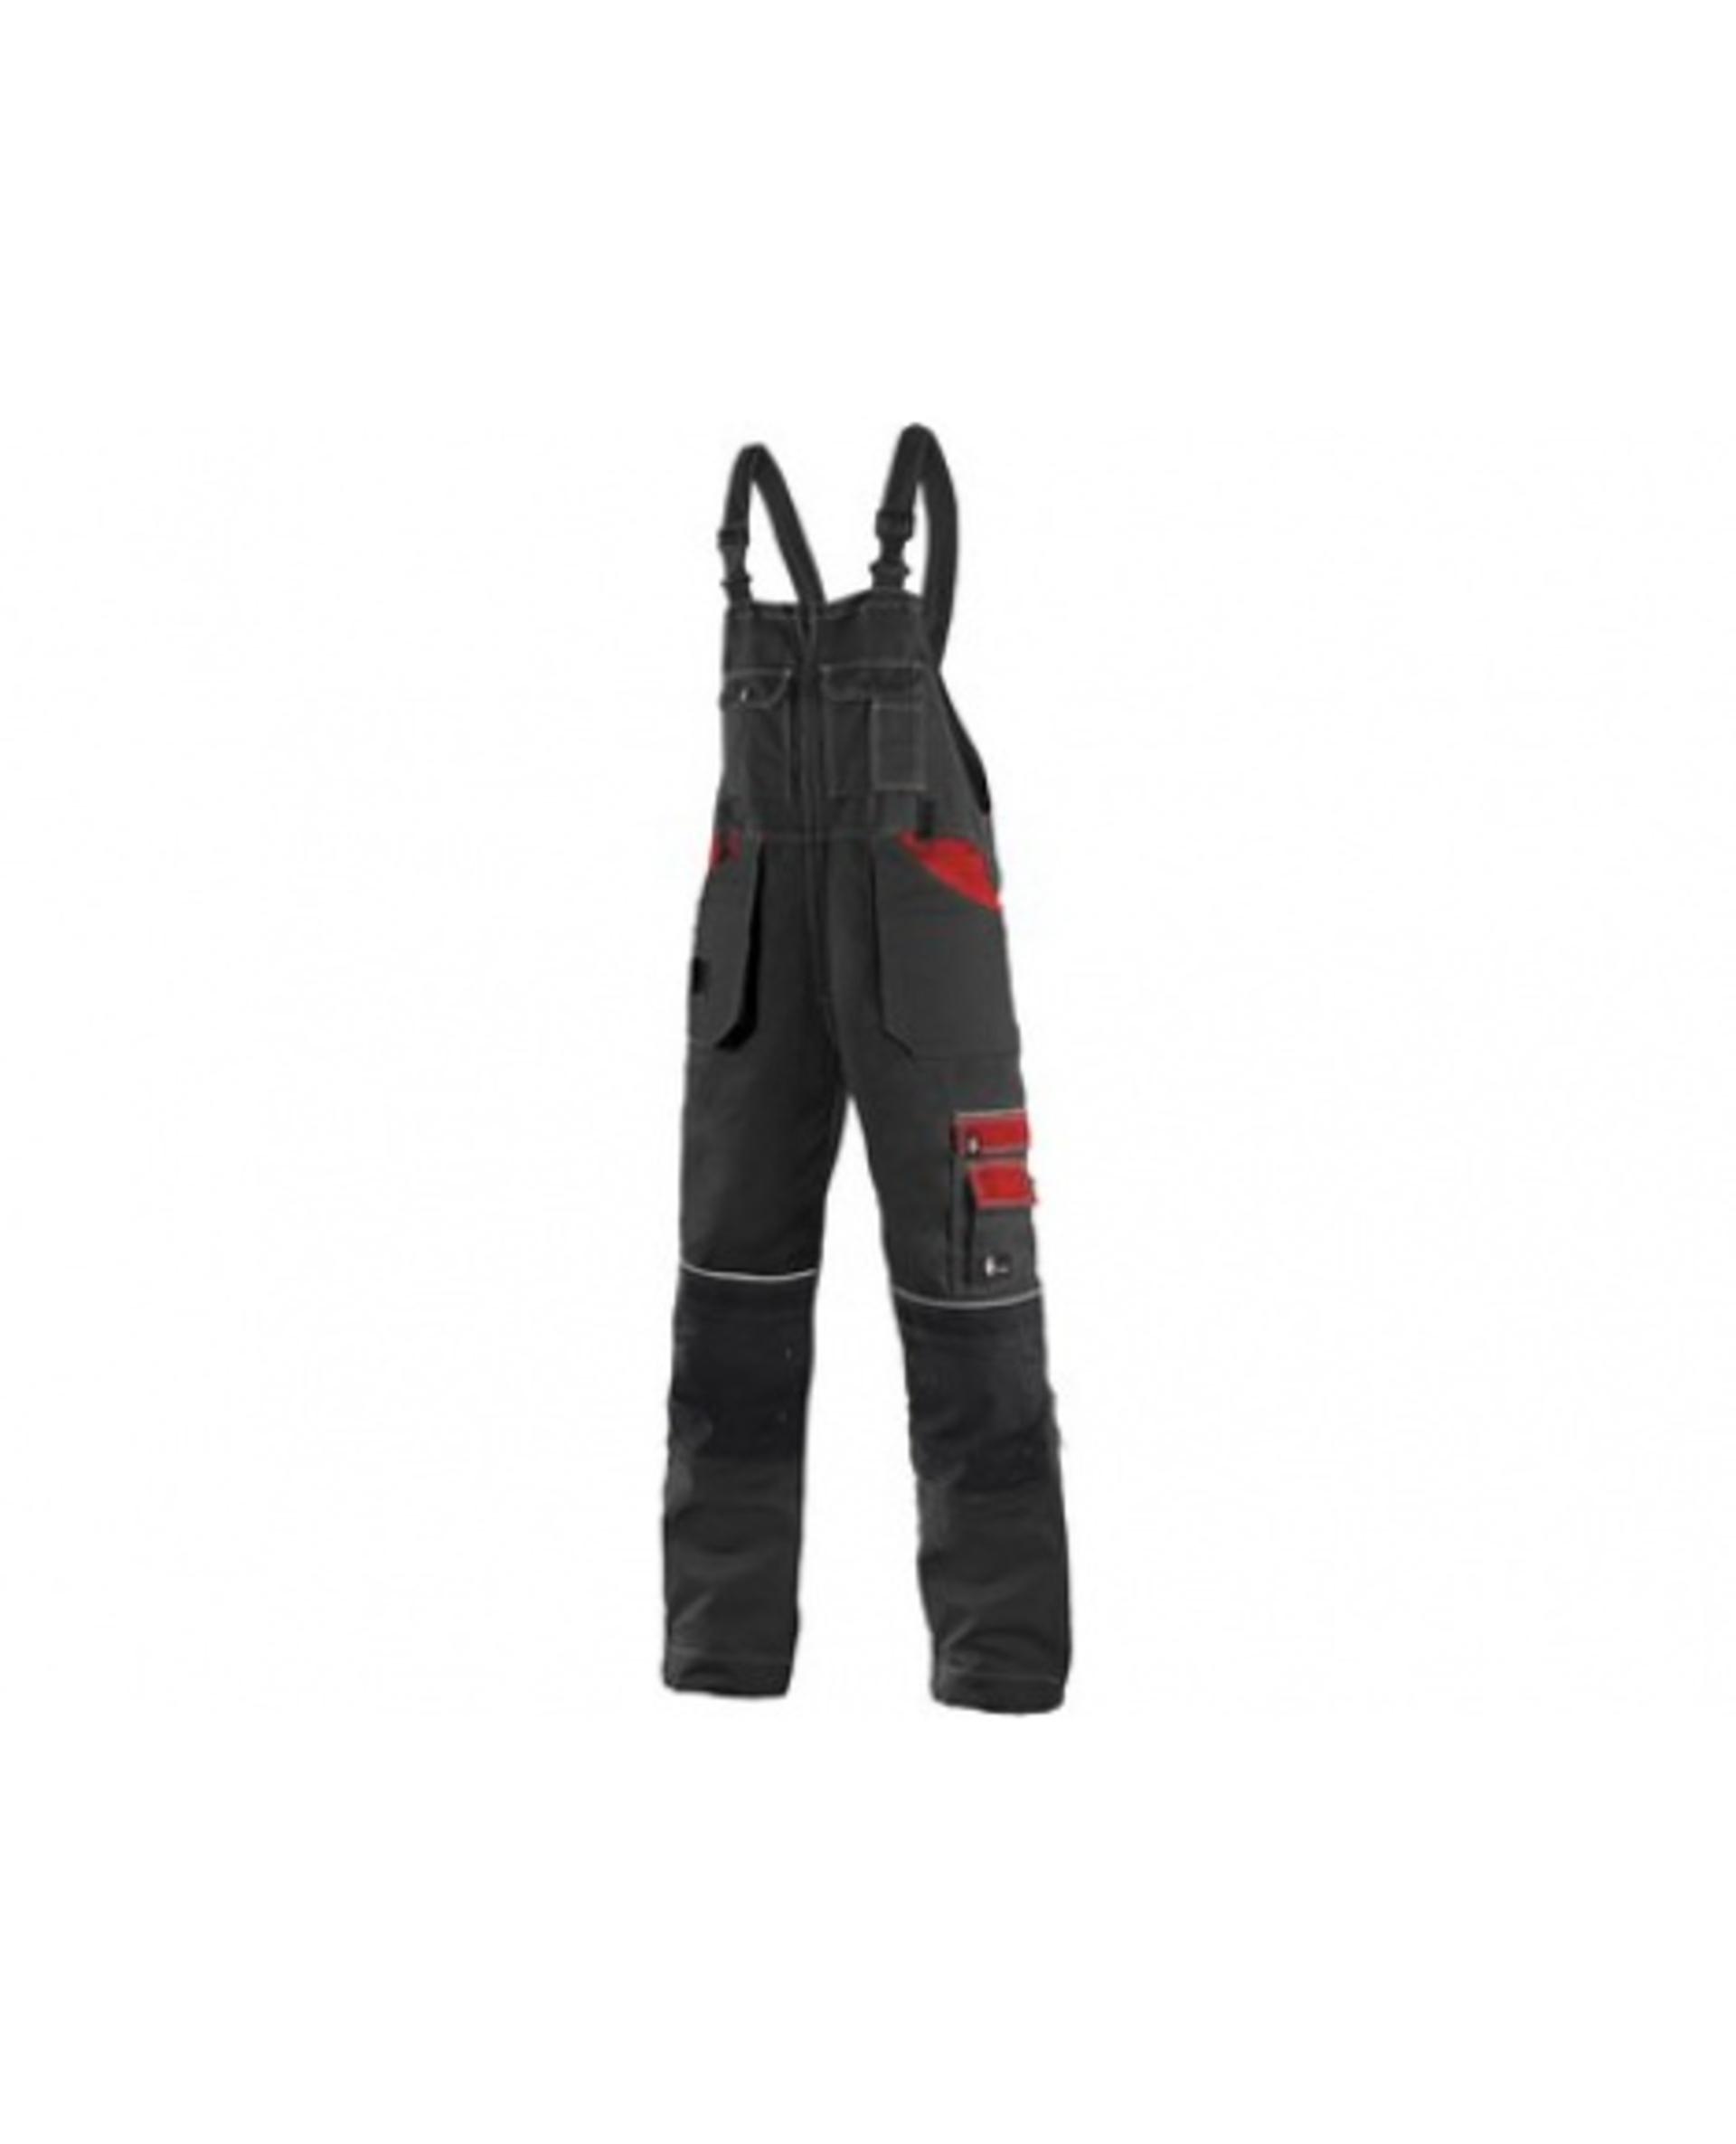 CXS ORION KRYŠTOF pánské Kalhoty s laclem černá/červená 58